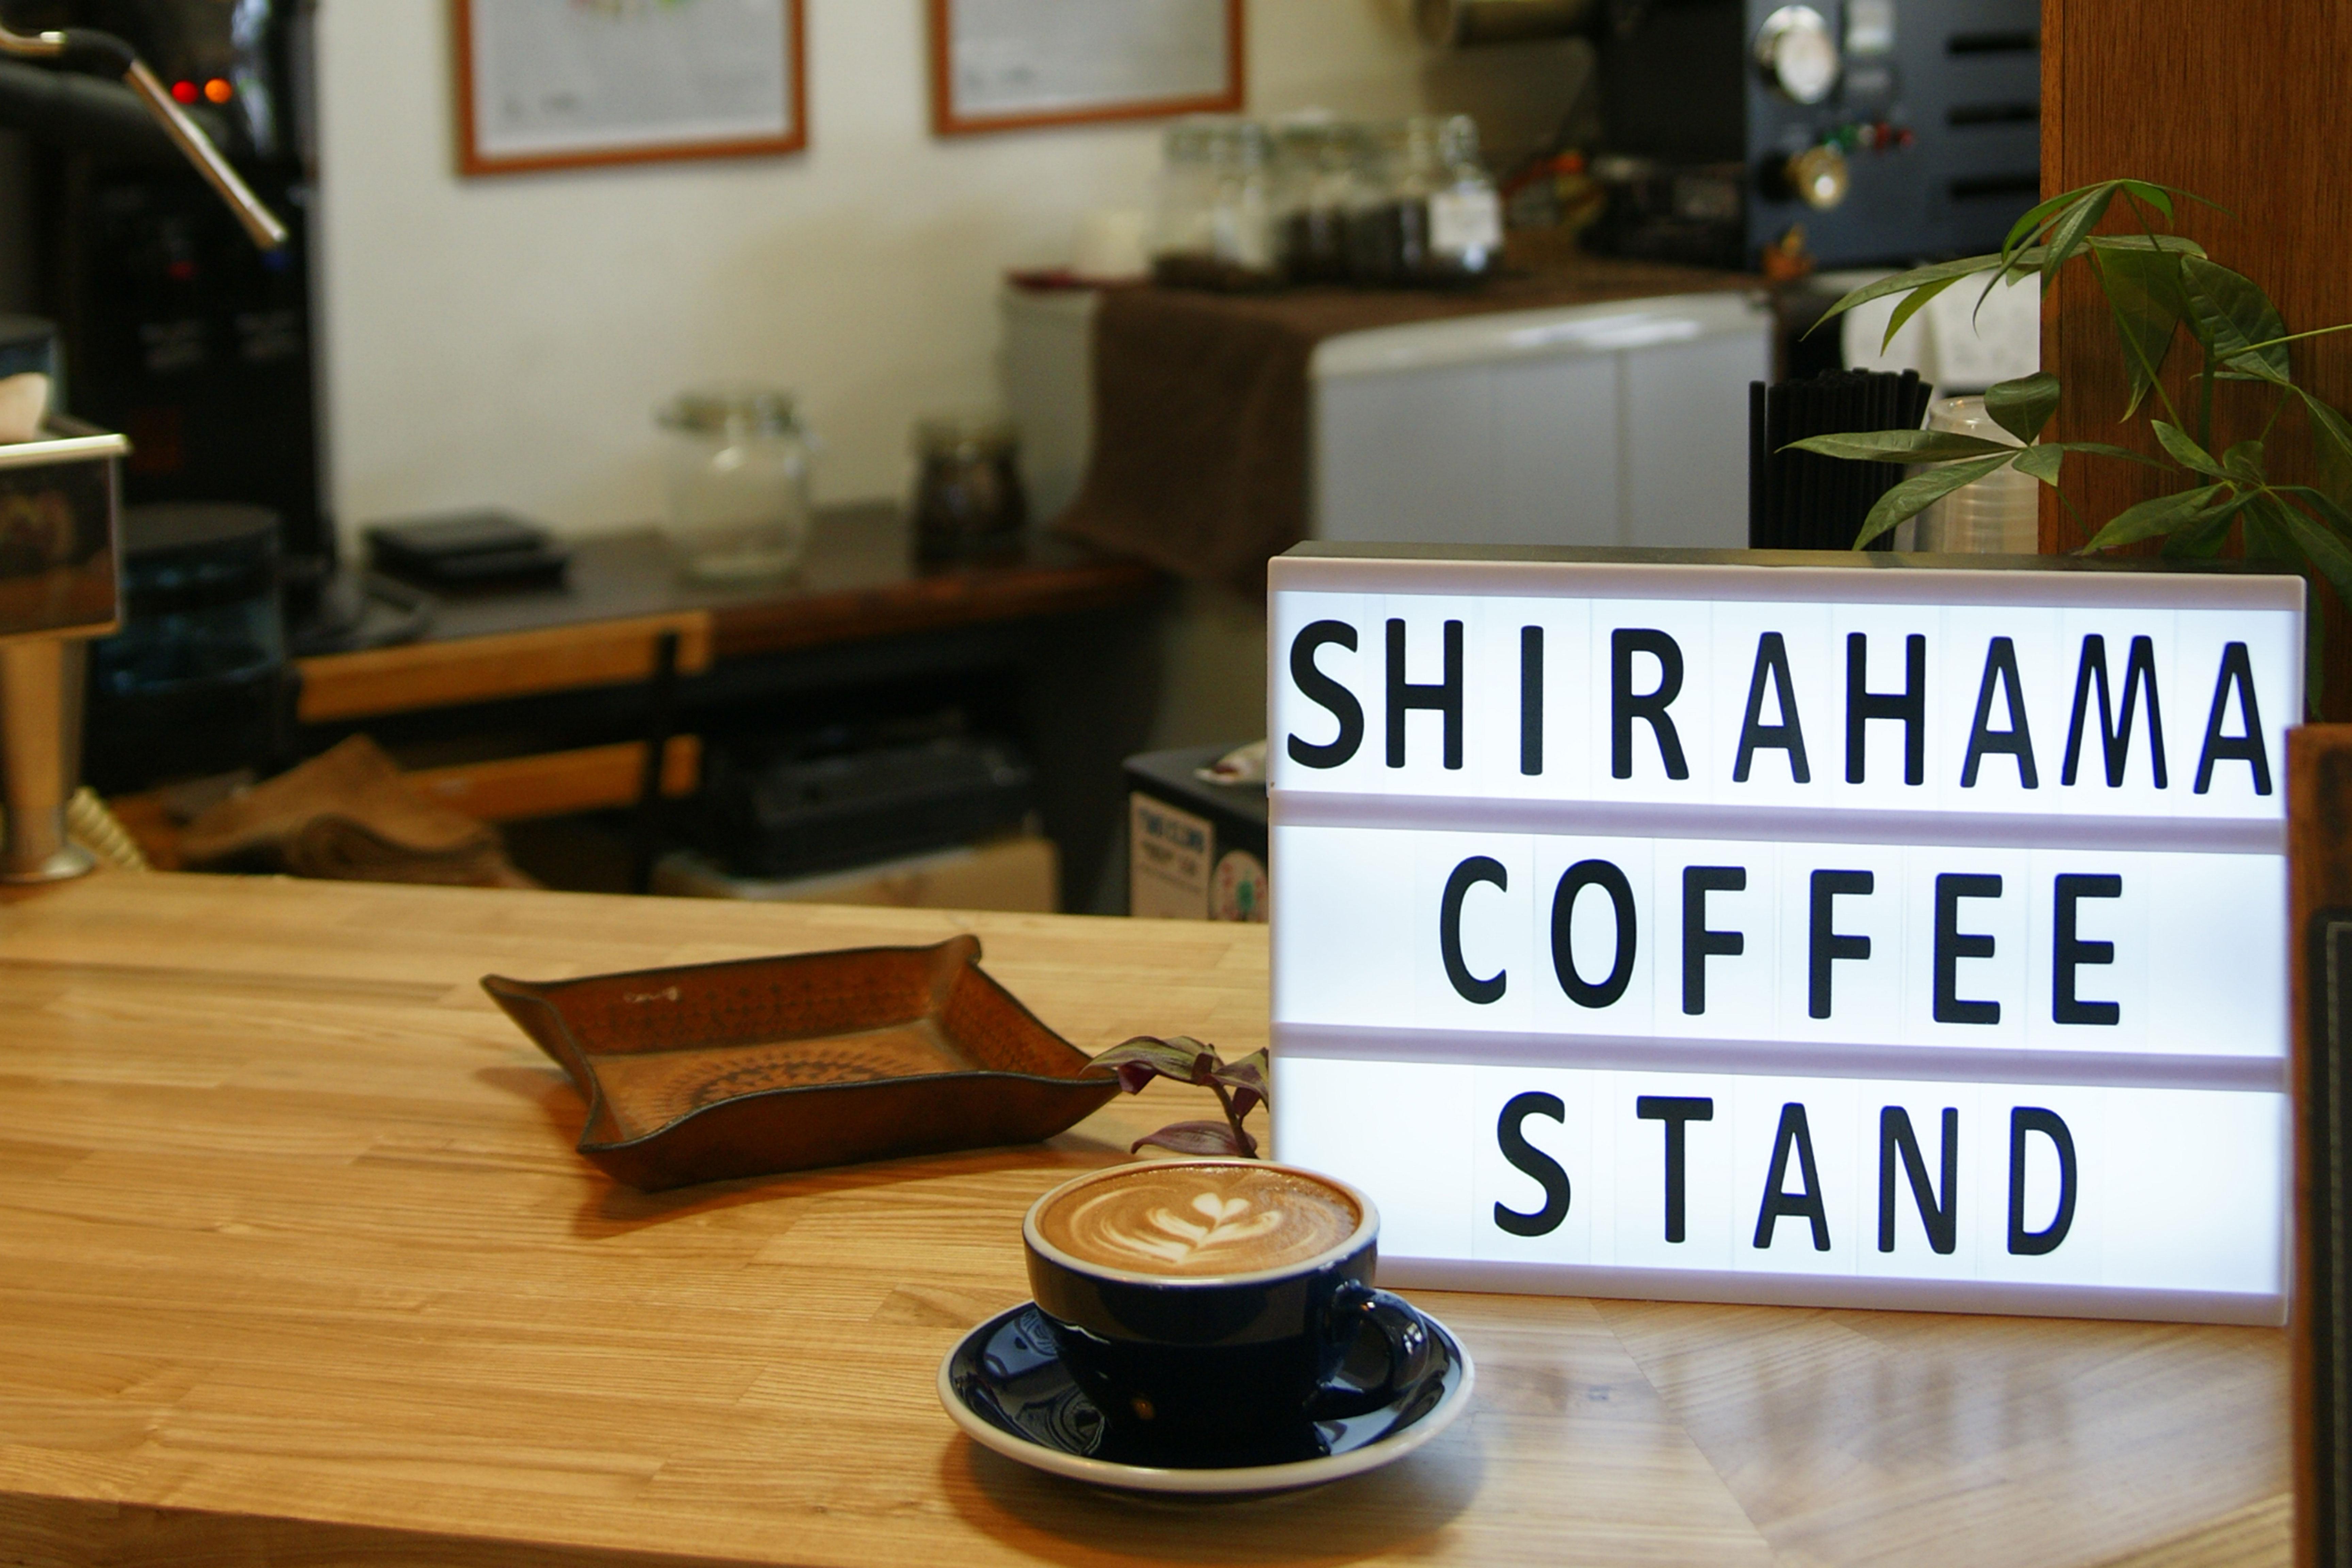 温泉にコーヒースタンド!?